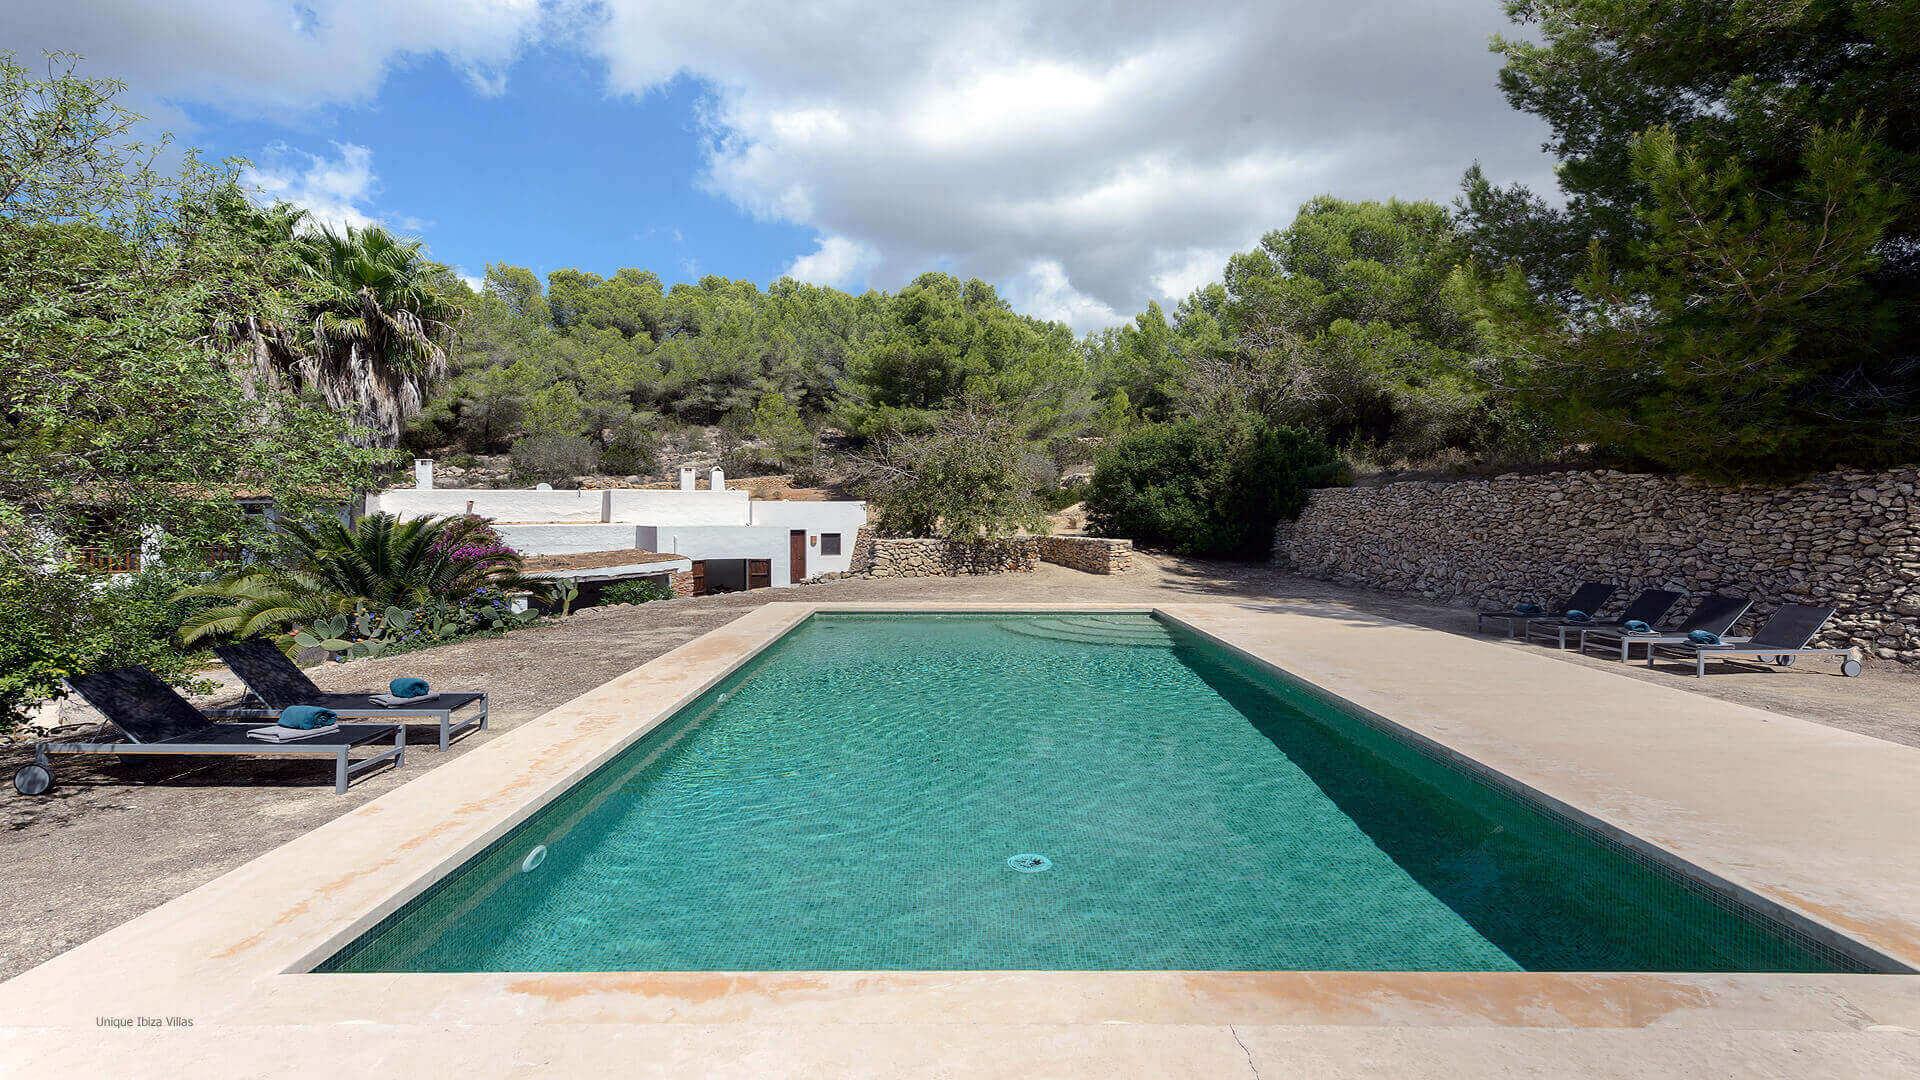 Villa Gilbert Ibiza 2 Near Santa Gertrudis